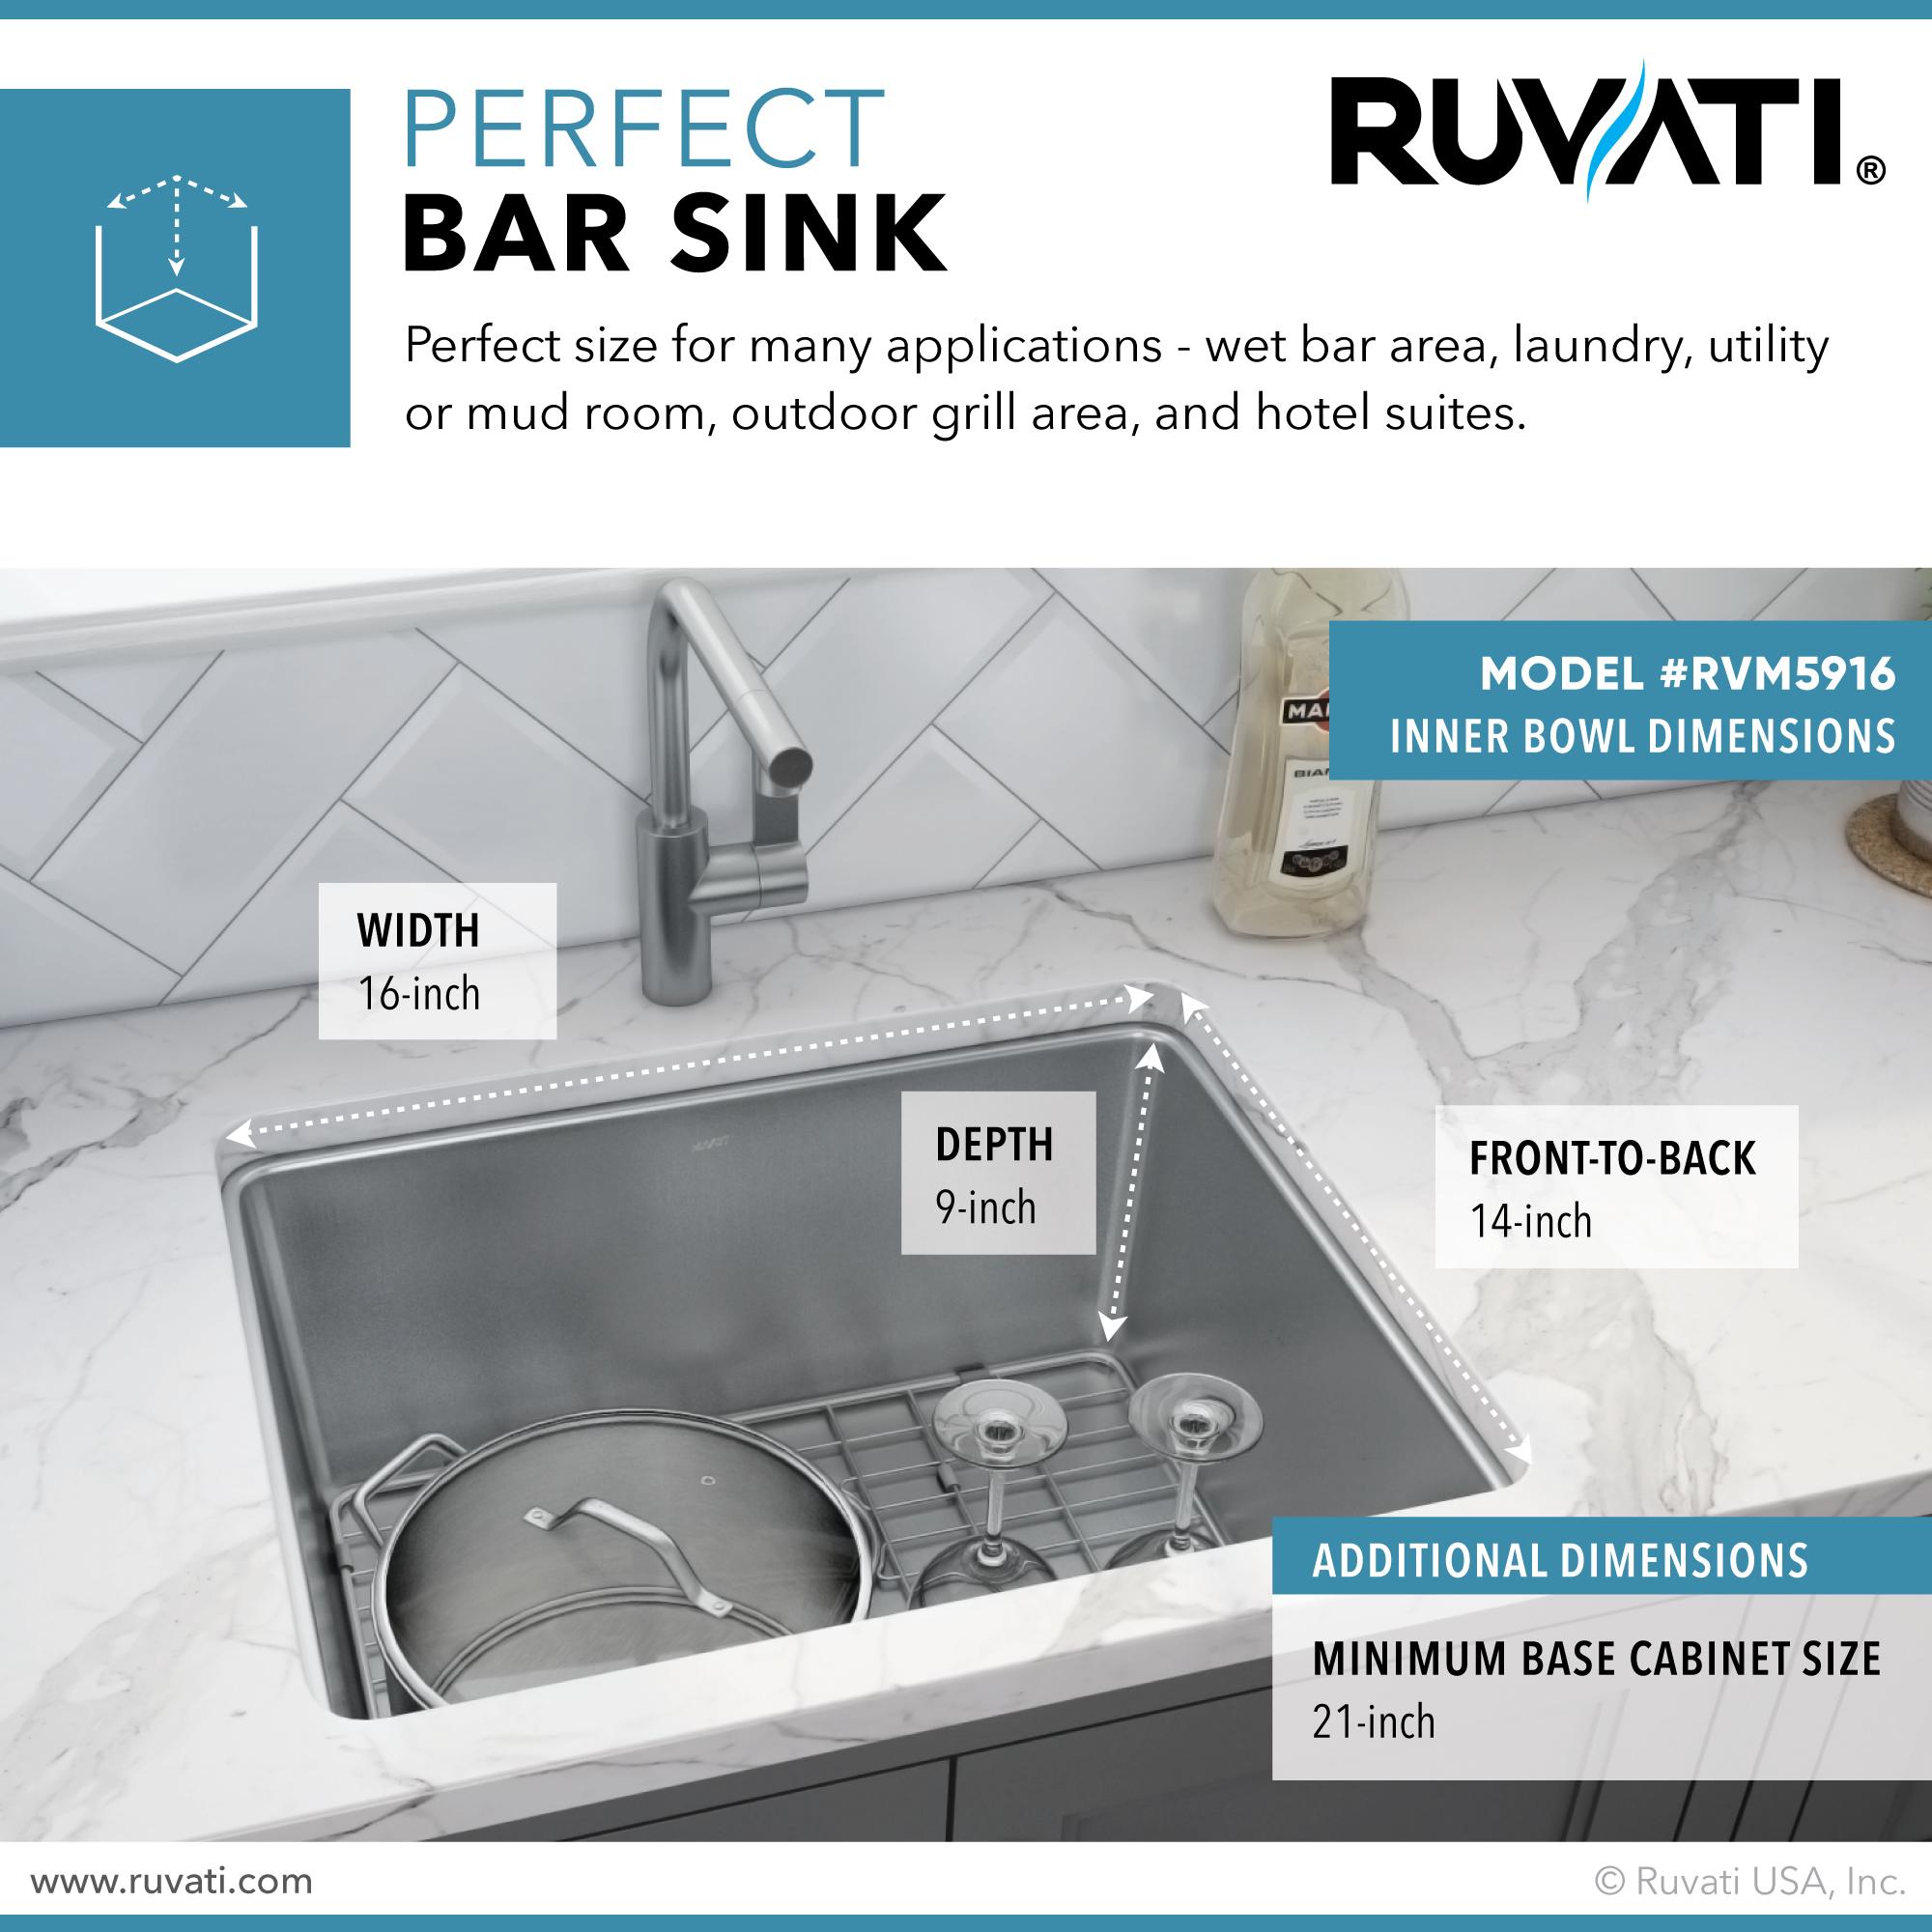 18 inch undermount bar prep kitchen